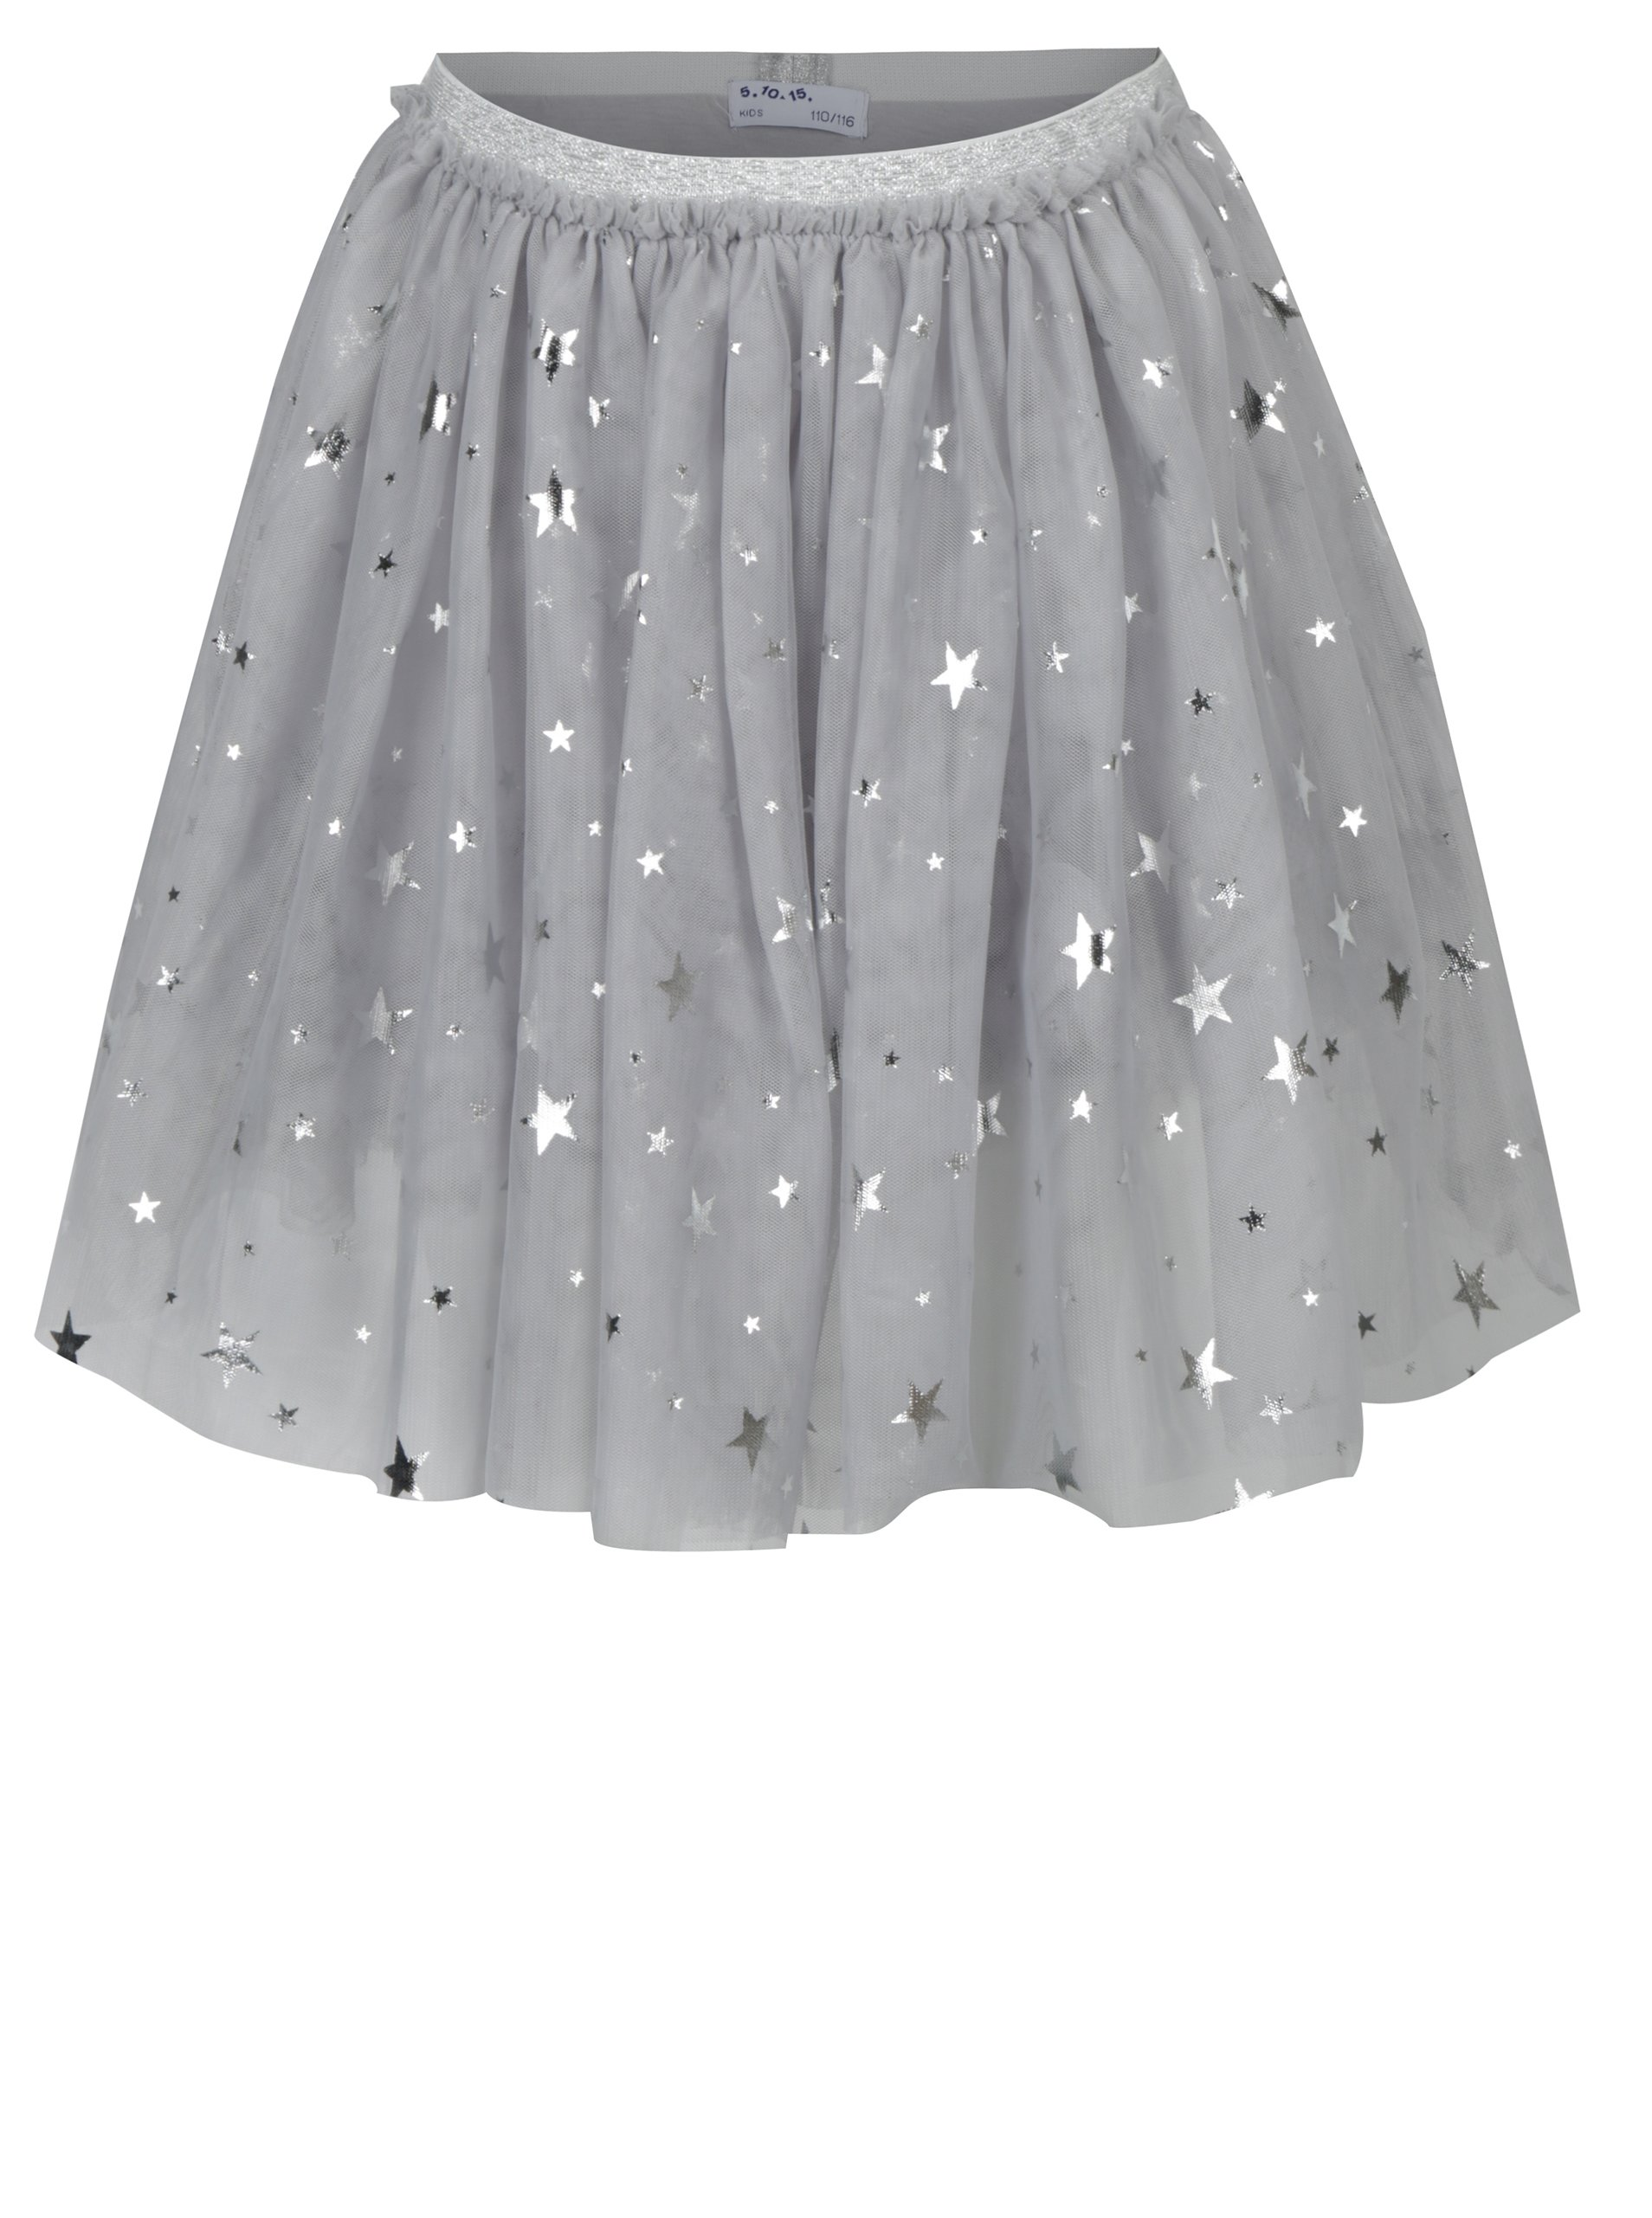 Světle šedá holčičí tylová sukně s hvězdami 5.10.15.